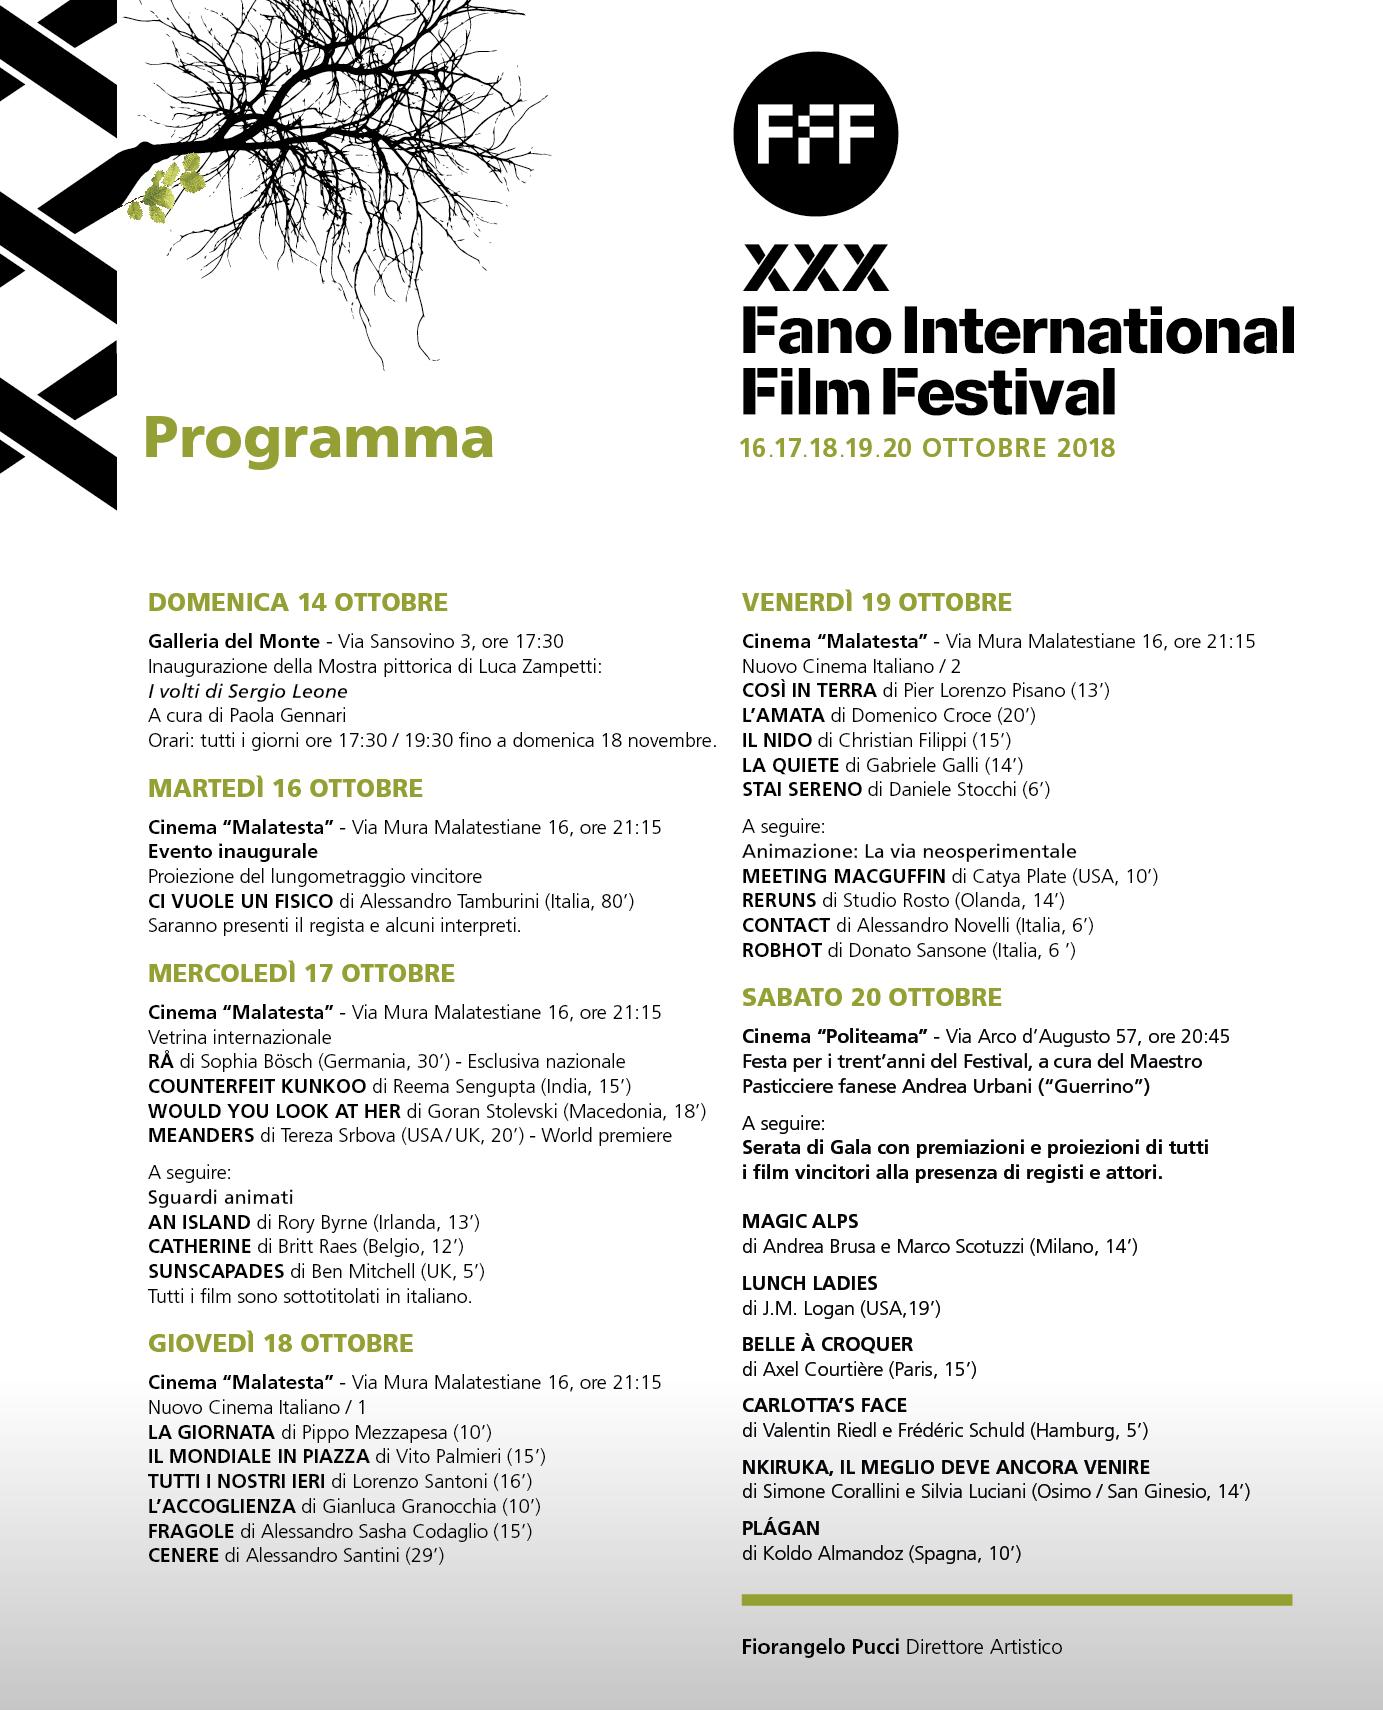 Fano Film Festival 2018